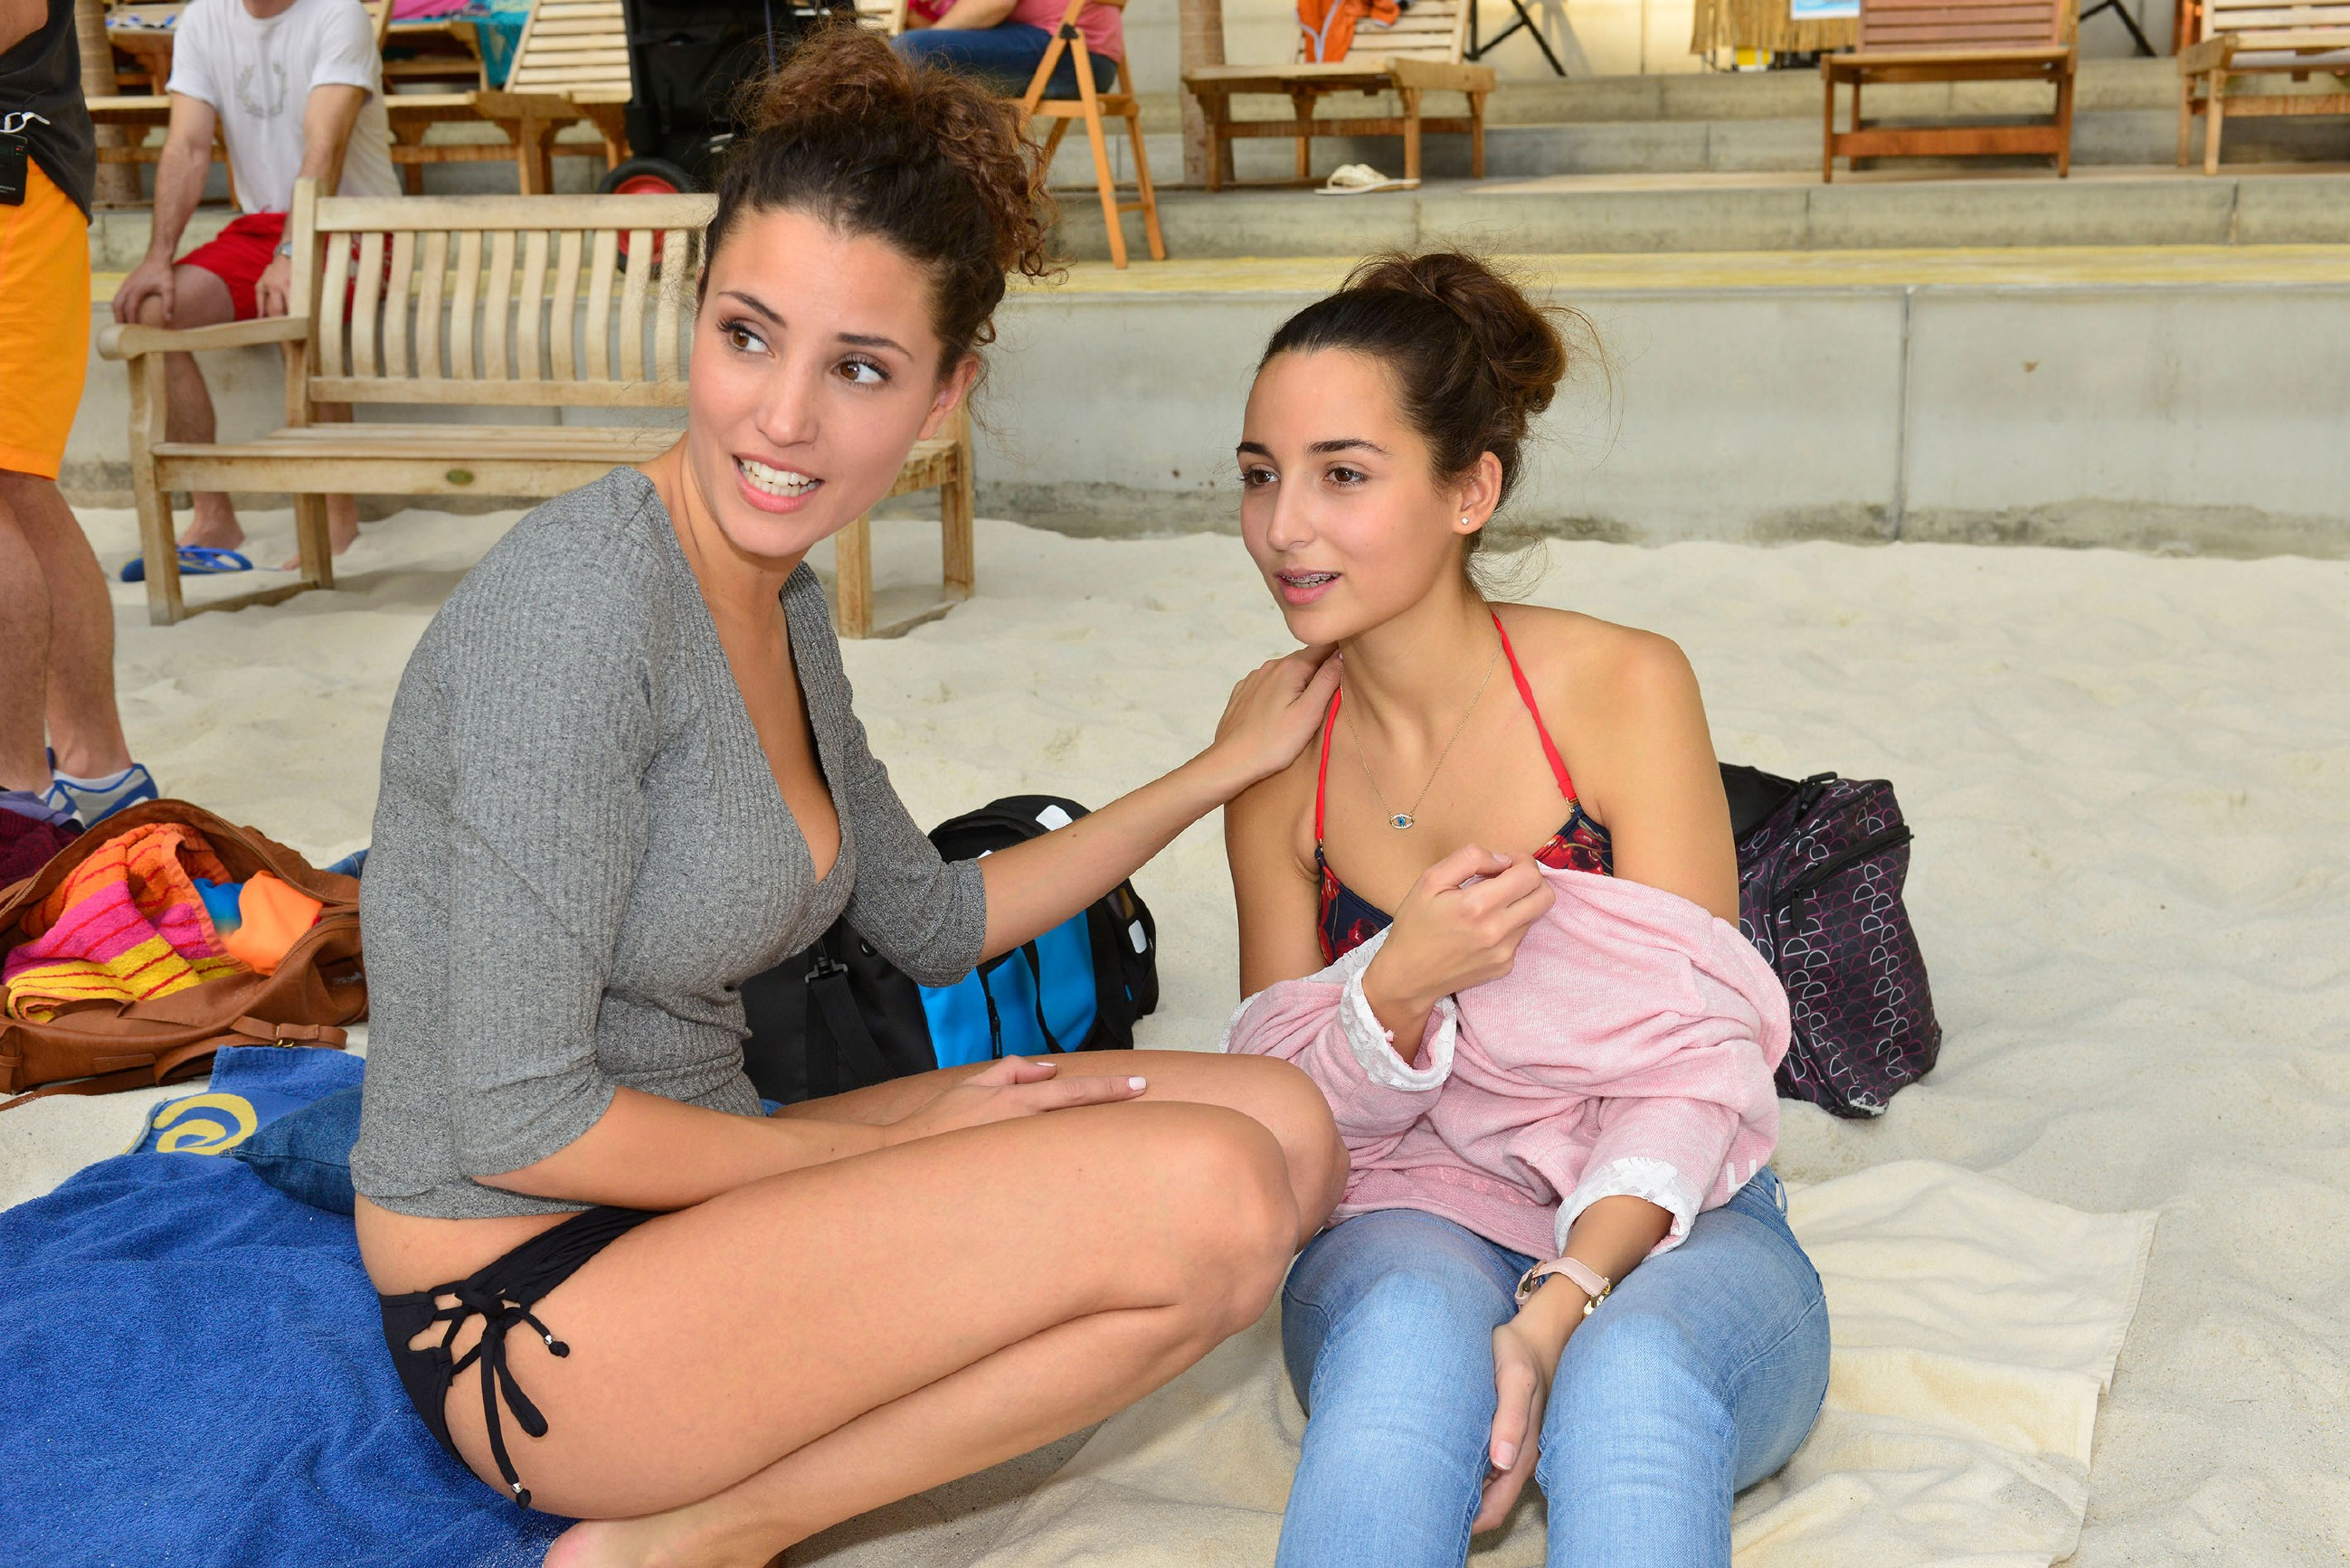 Selma (Rona Özkan, r.) ist froh, dass sie mit Aylas (Nadine Menz) Hilfe und deren Schminkkunst doch noch mit auf die Beachparty gehen und ihrem Schwarm Jonas nahe sein kann. (Quelle: RTL / Rolf Baumgartner)